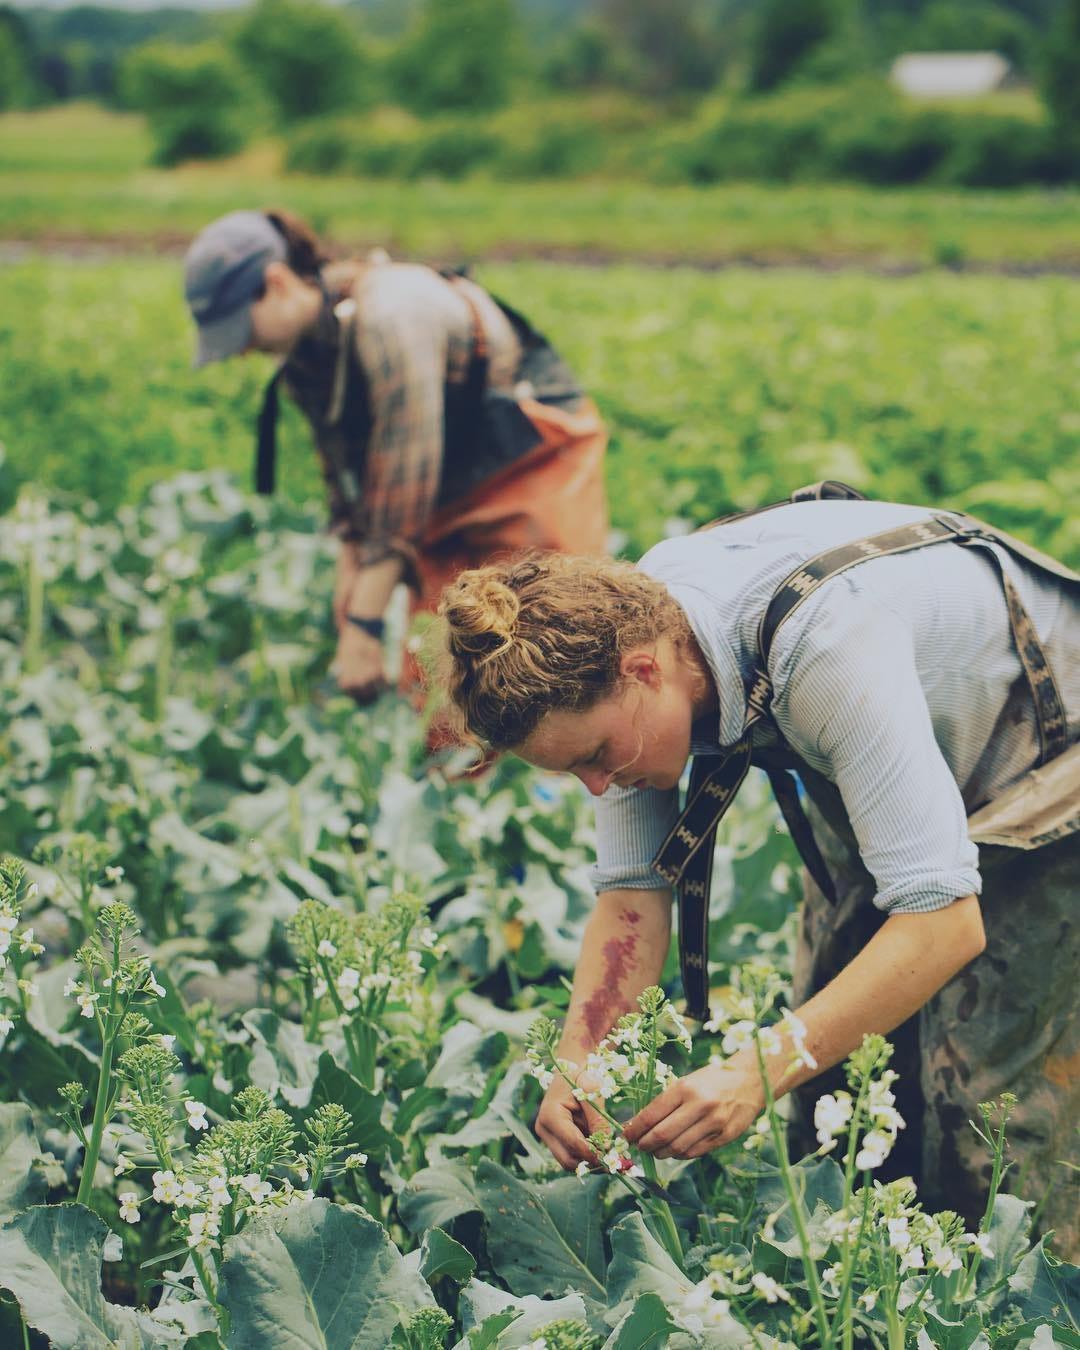 Farmer & Son Funeral Home Geneva Nebraska : farmer, funeral, geneva, nebraska, Young, Farmers, Inspiring,, Making, Living?, Heated